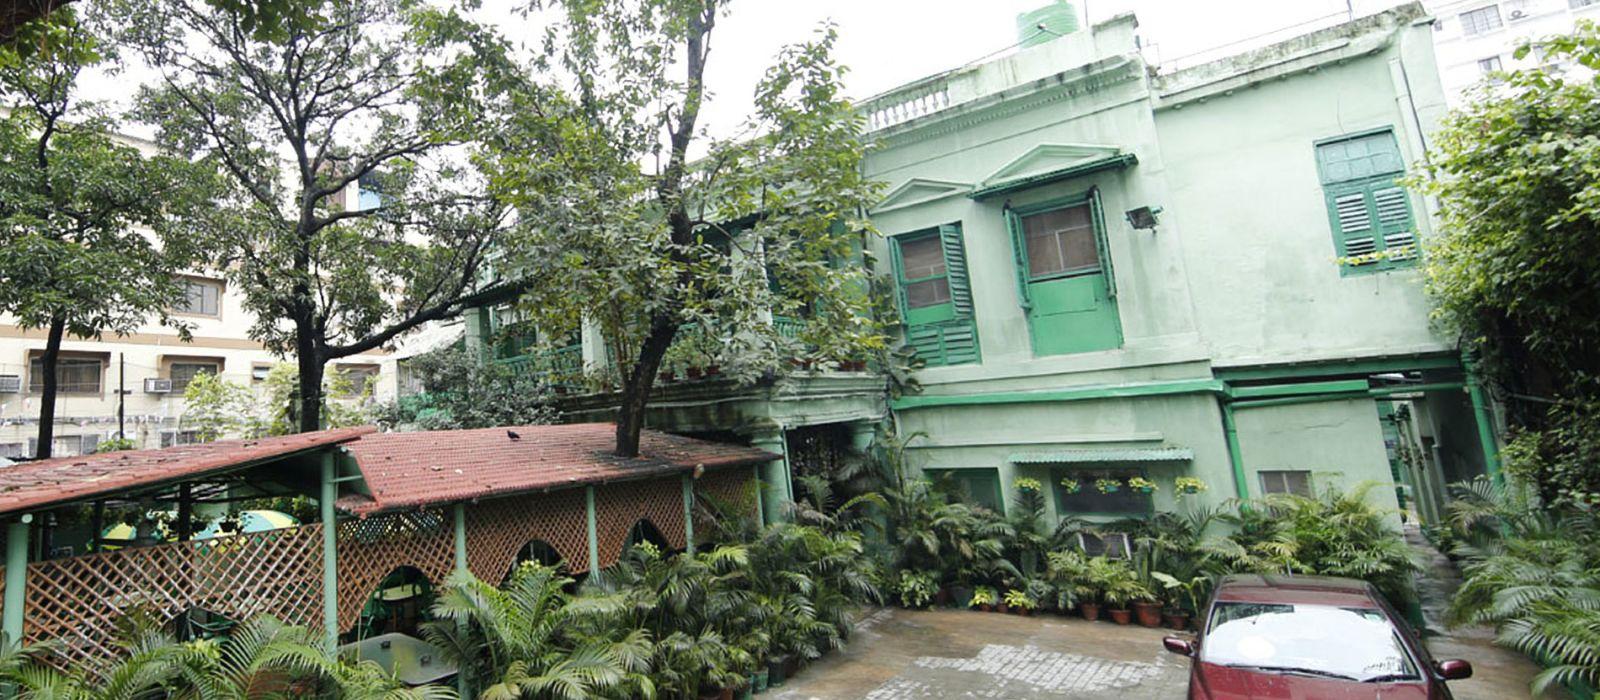 Hotel Fairlawn  Ostindien